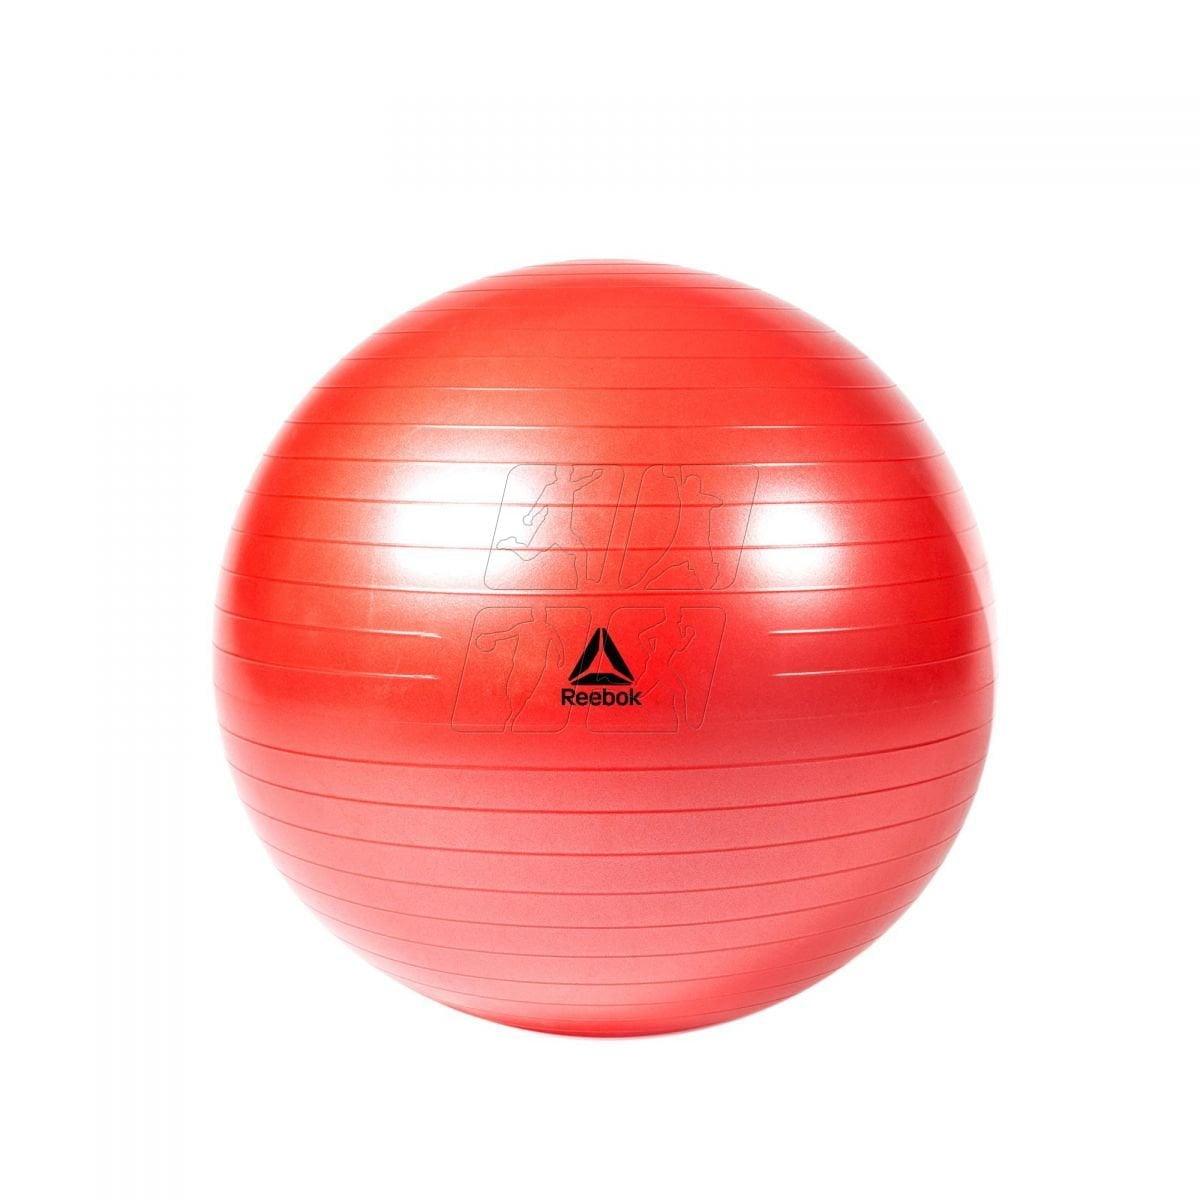 Piłka lekarska lub rehabilitacyjna jest przydatna do treningu siłowego i szybkościowego.